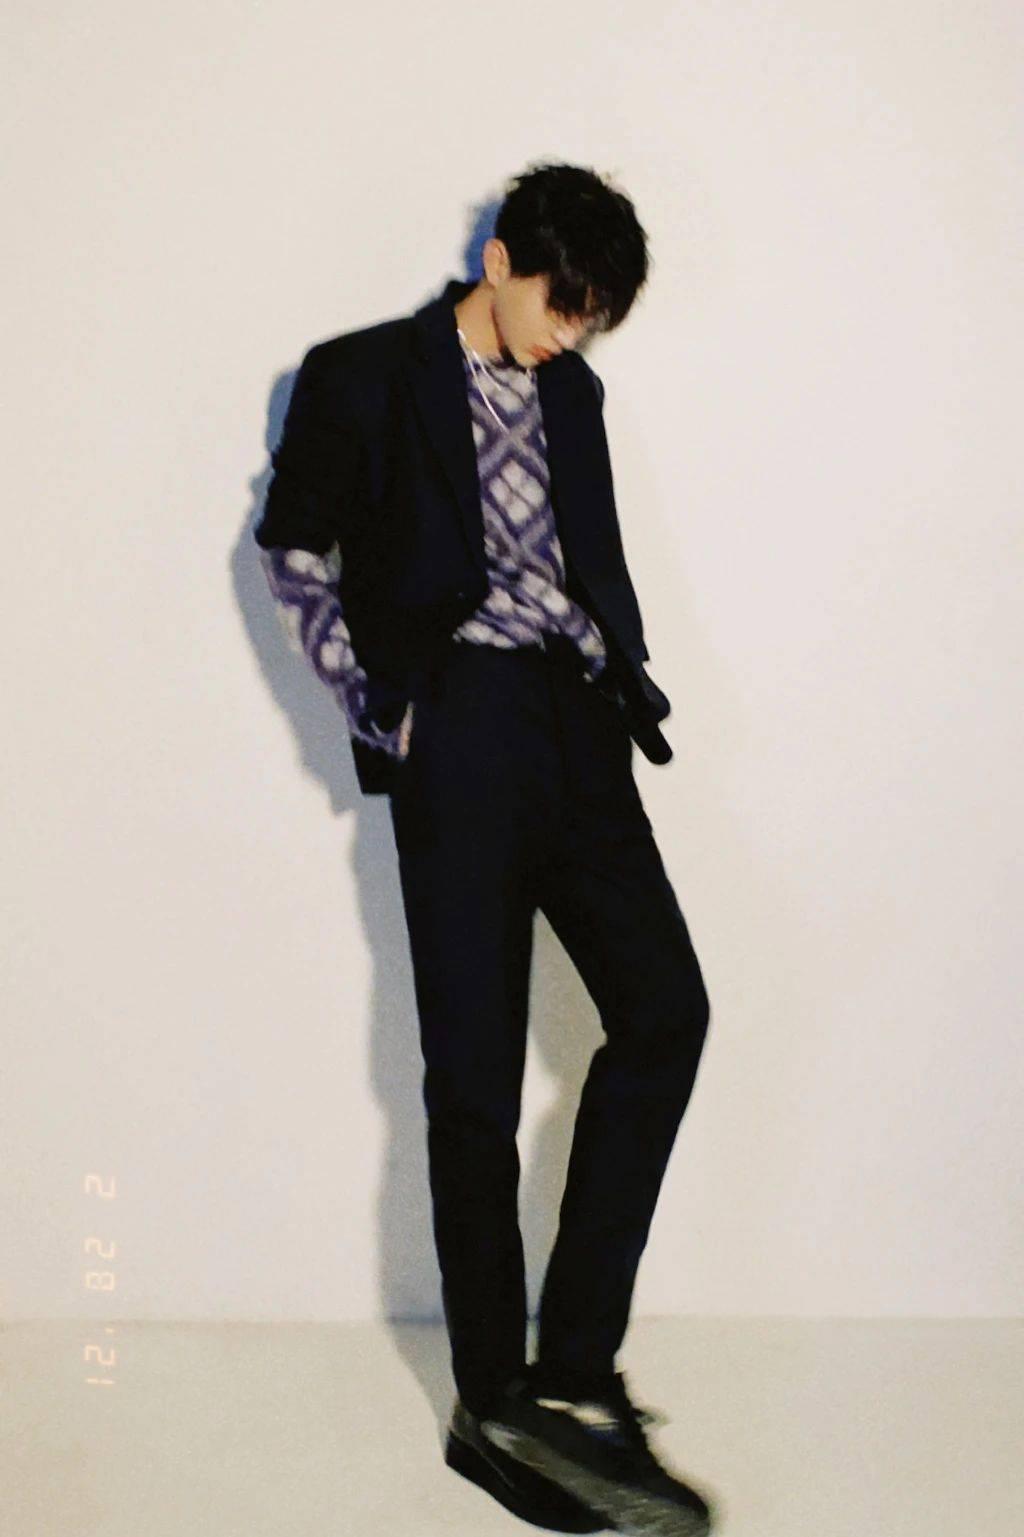 蔡徐坤微博之夜壁纸:黑色西装搭配紫色印花毛